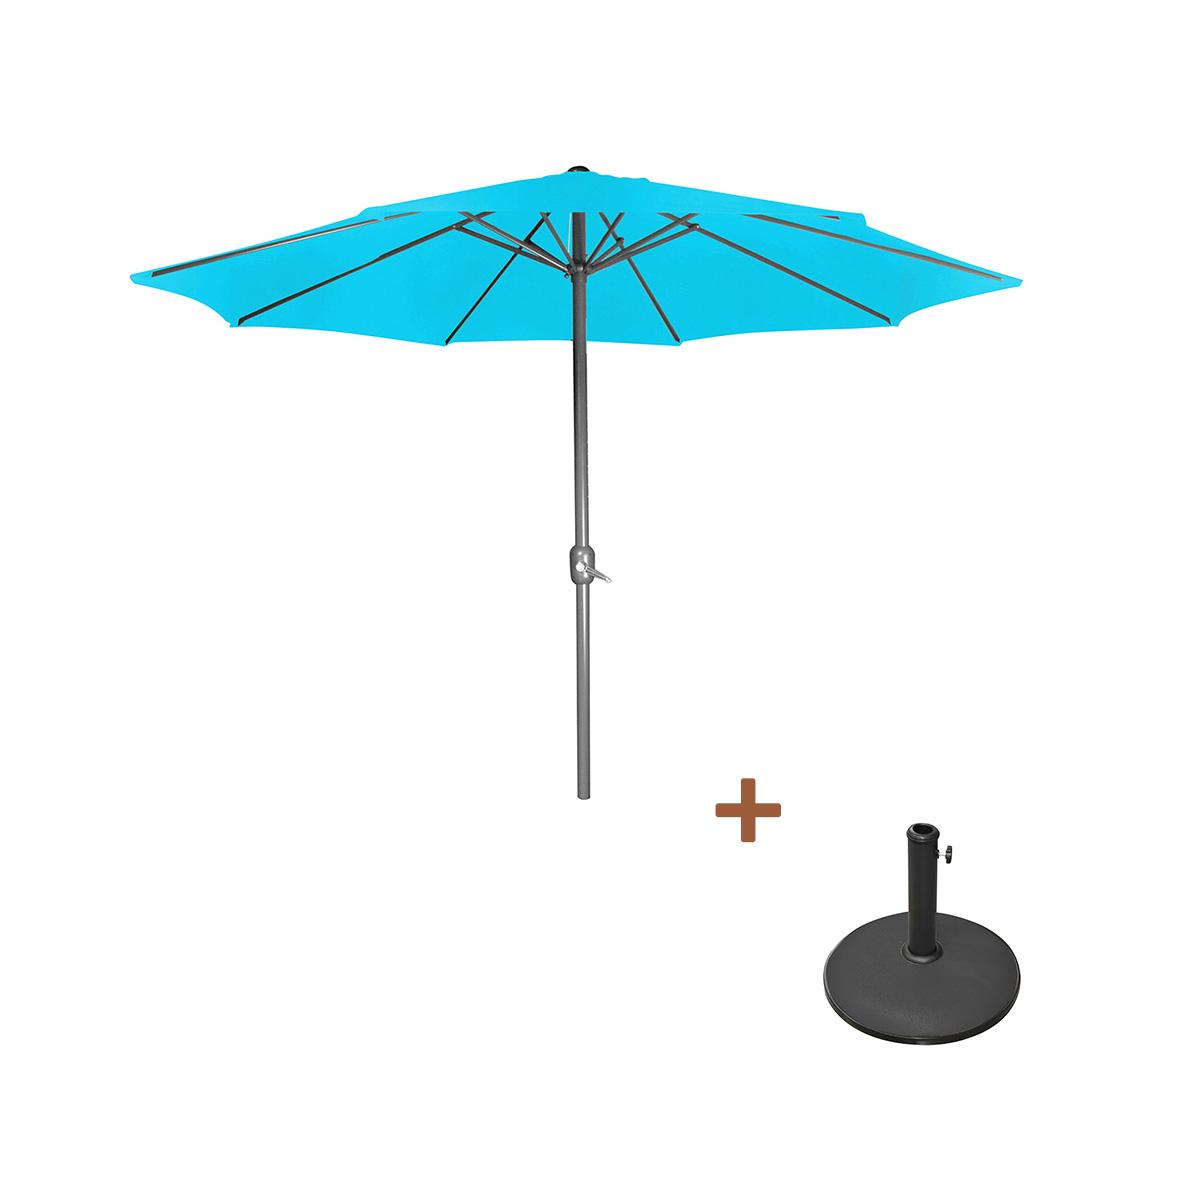 Lampe solaire avec parapluie bleu Kynast Garden Solaire Lumière Éclairage de jardin table 19 cm